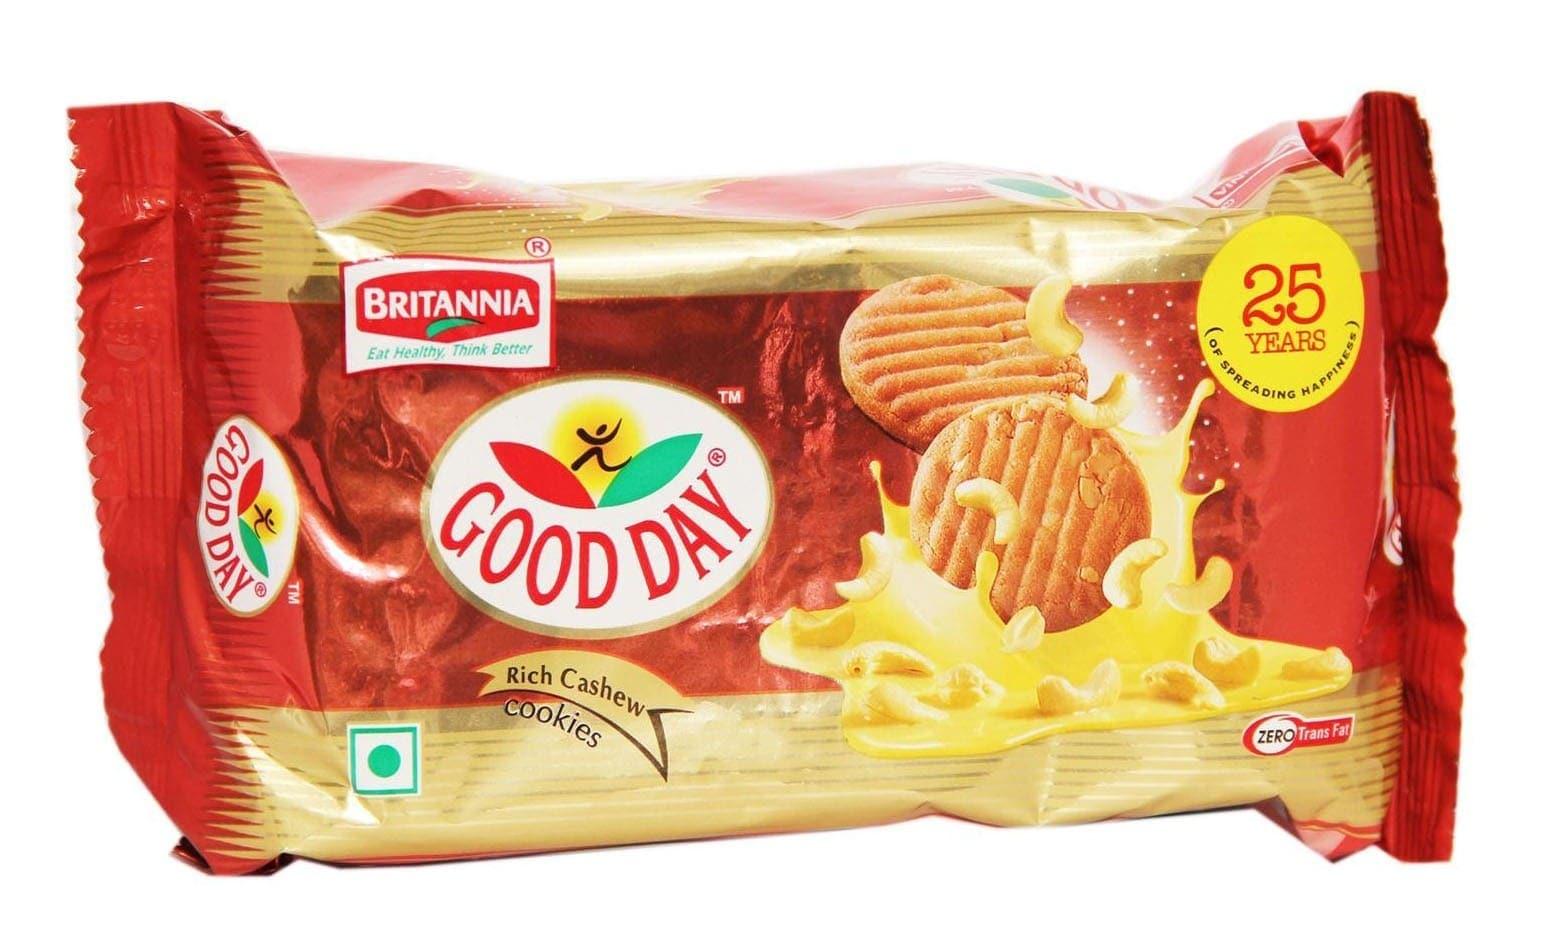 Britannia Good Day Rich Cashew Cookies 200 Gm